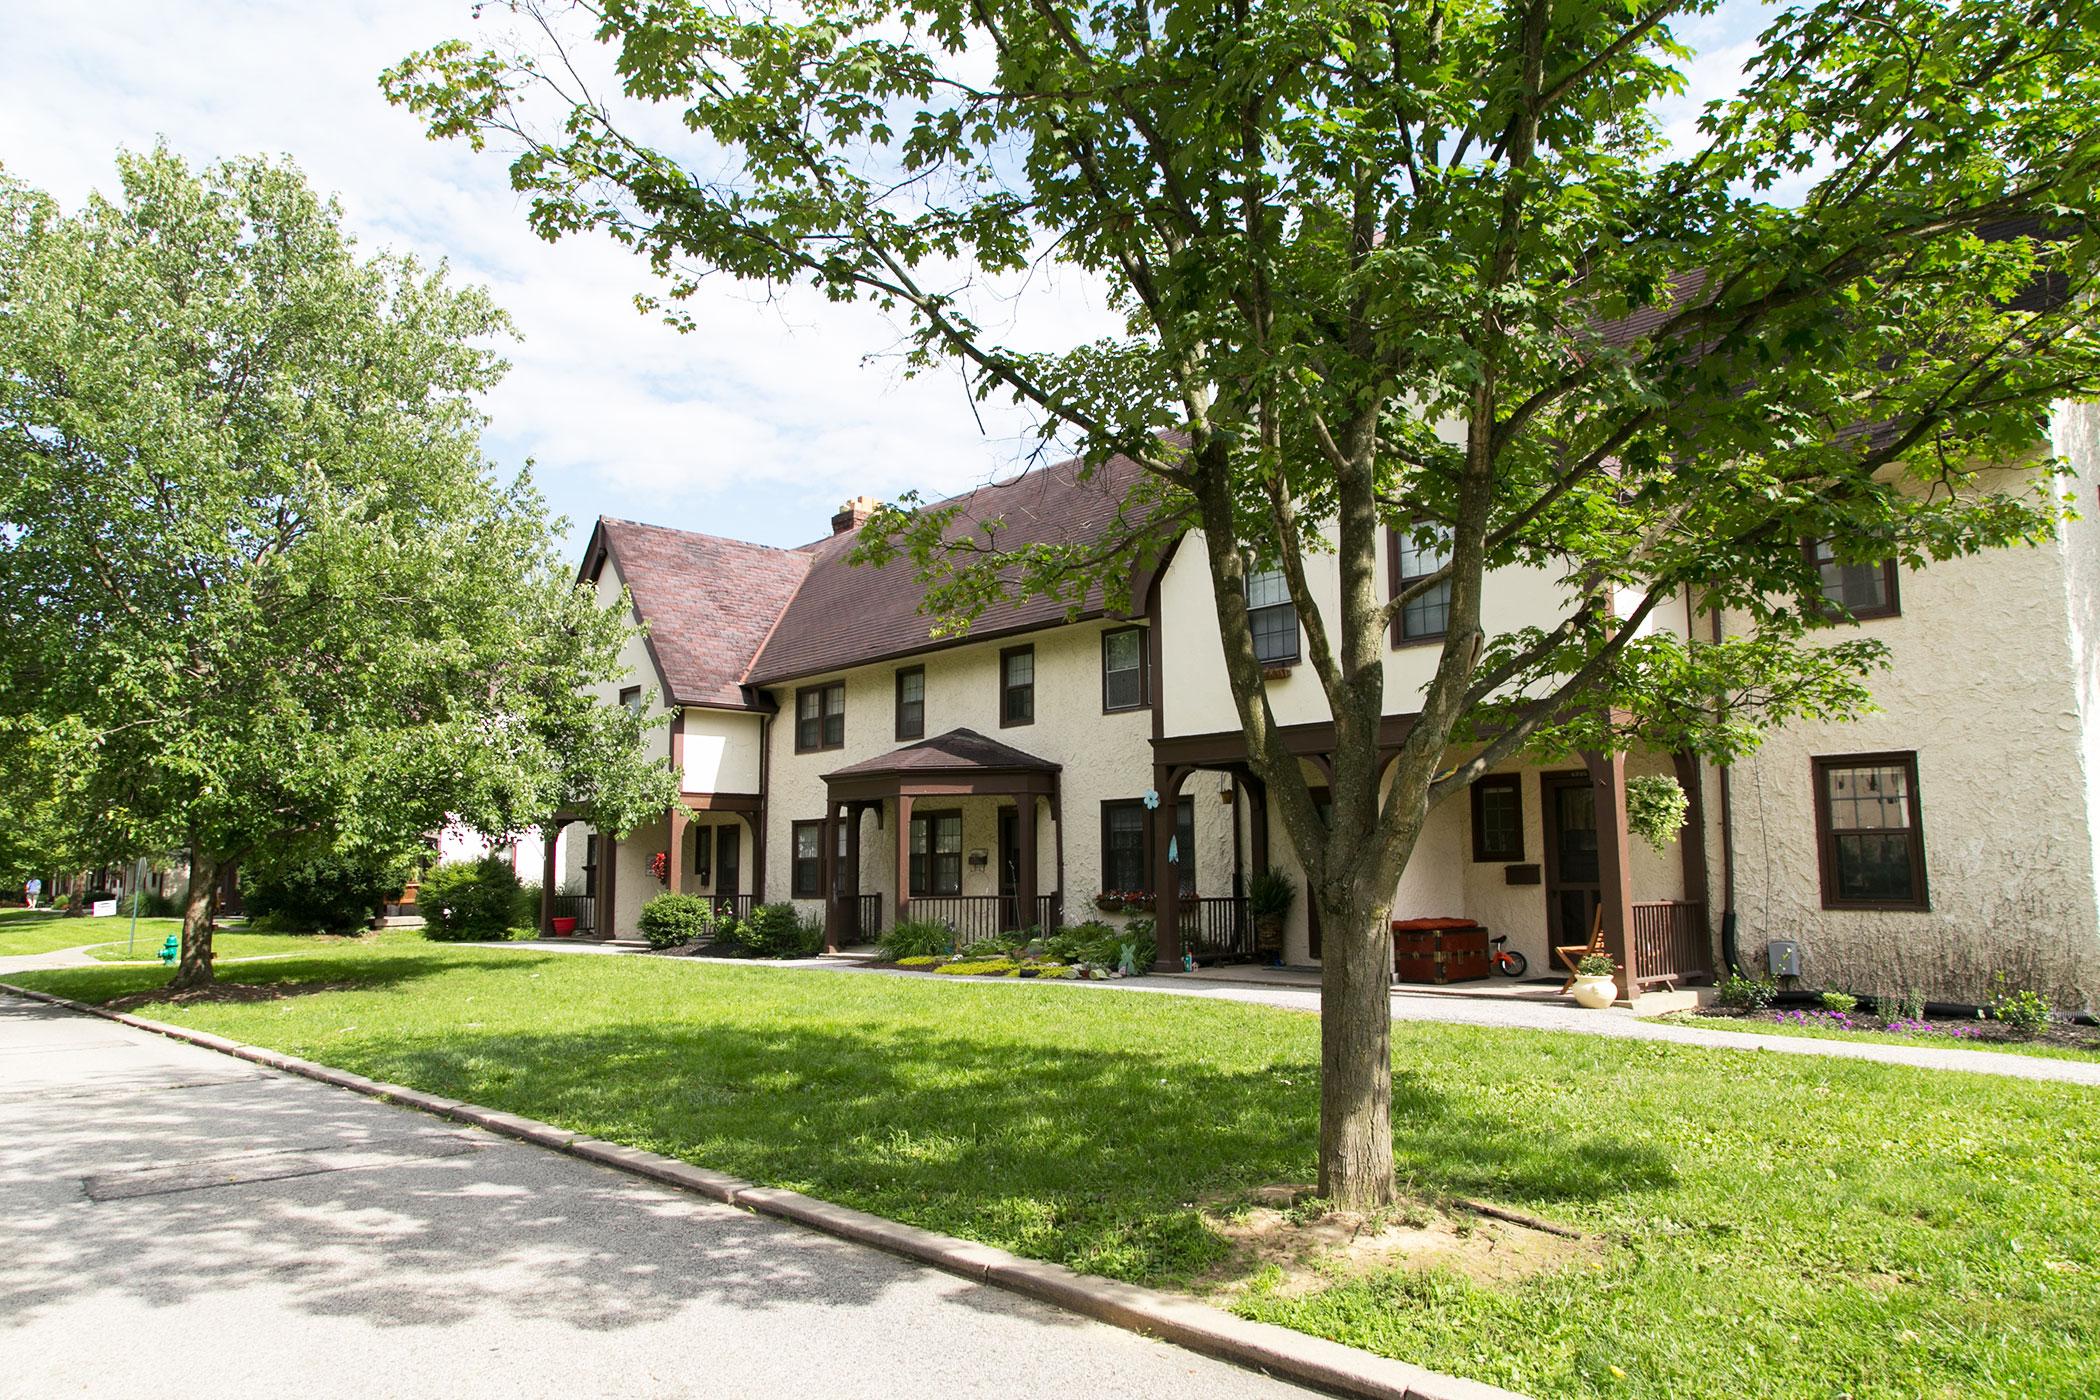 Mariemont Townhomes Cmc Properties